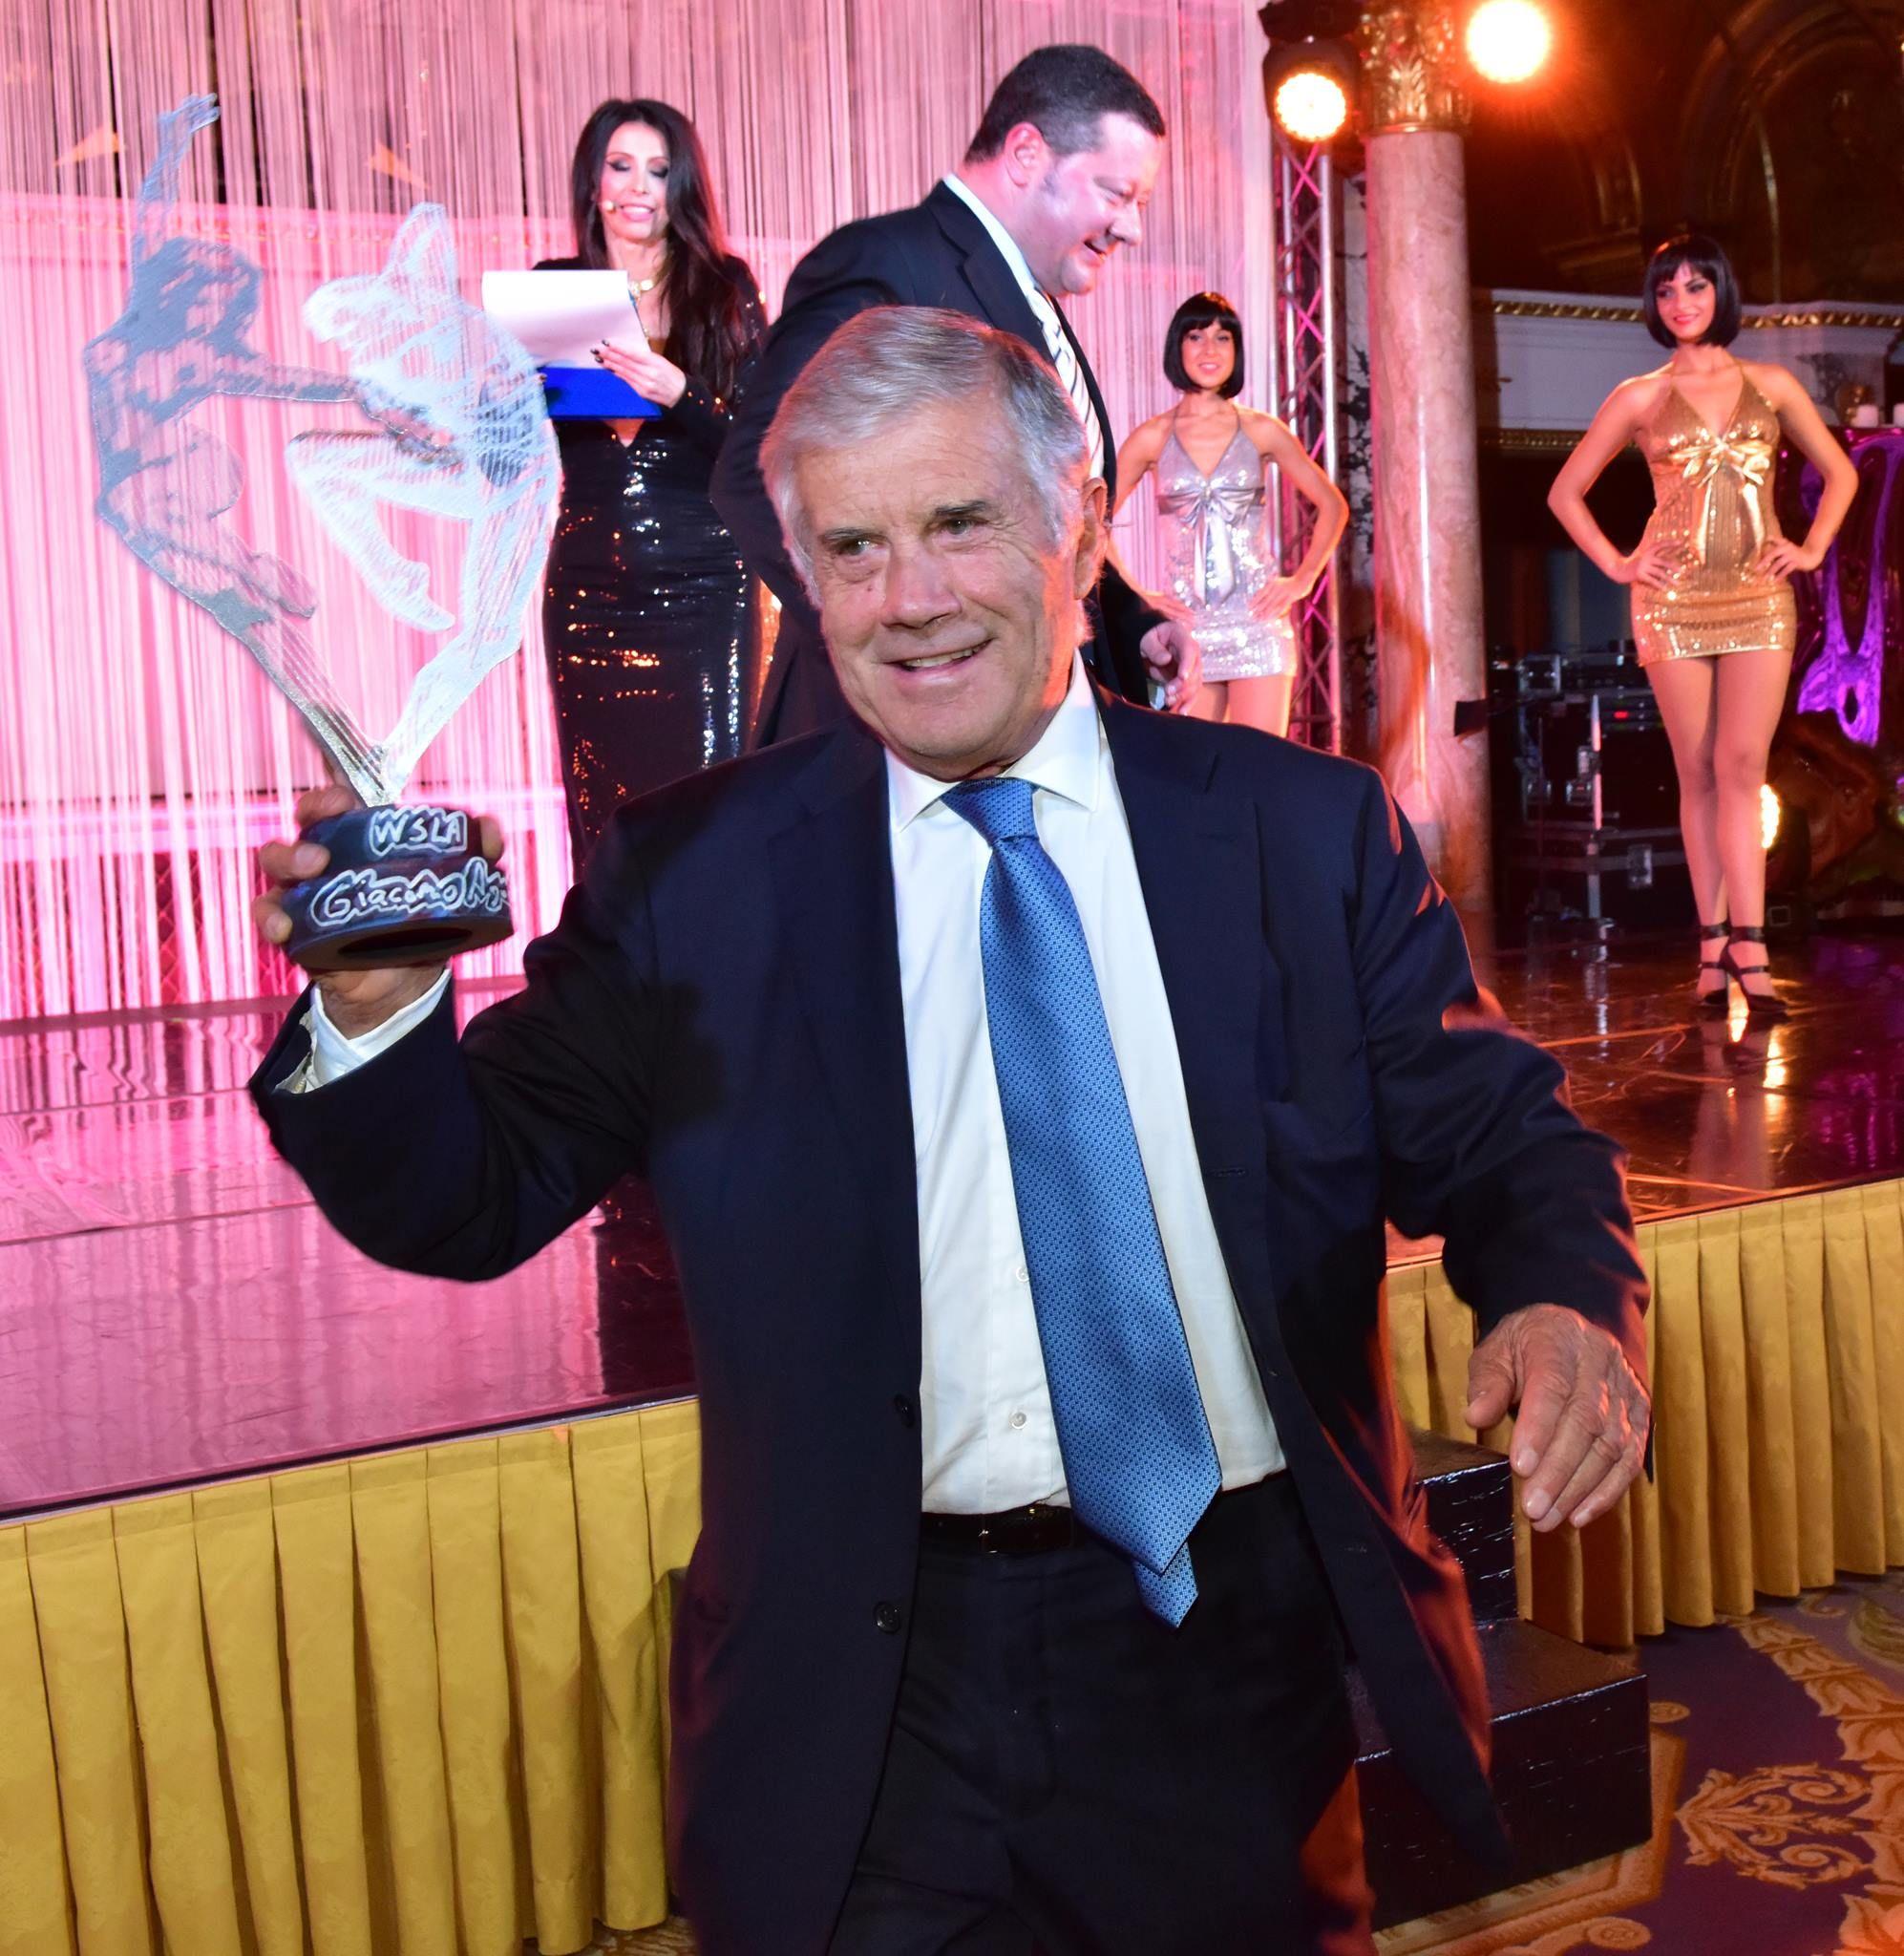 Agostini con il Suo premio al 1° WSLA Award